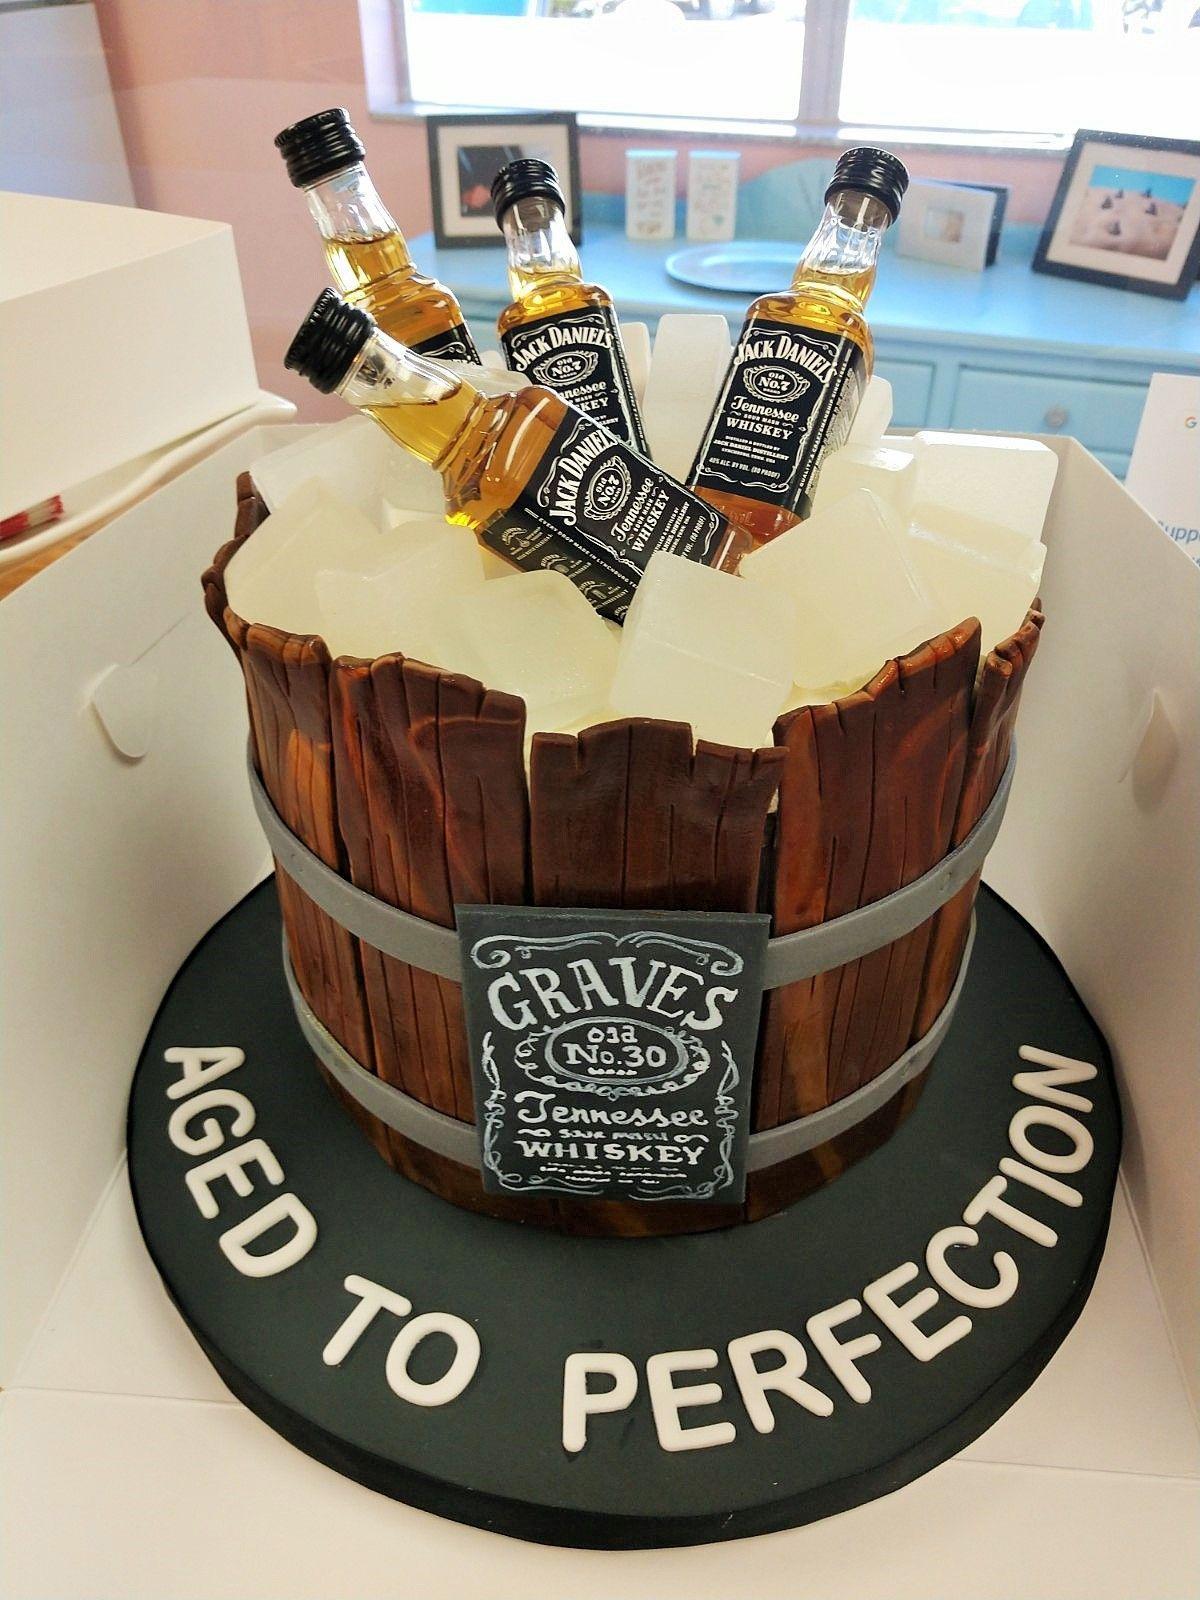 jack daniels cake in 2020 Birthday cake for him, Funny